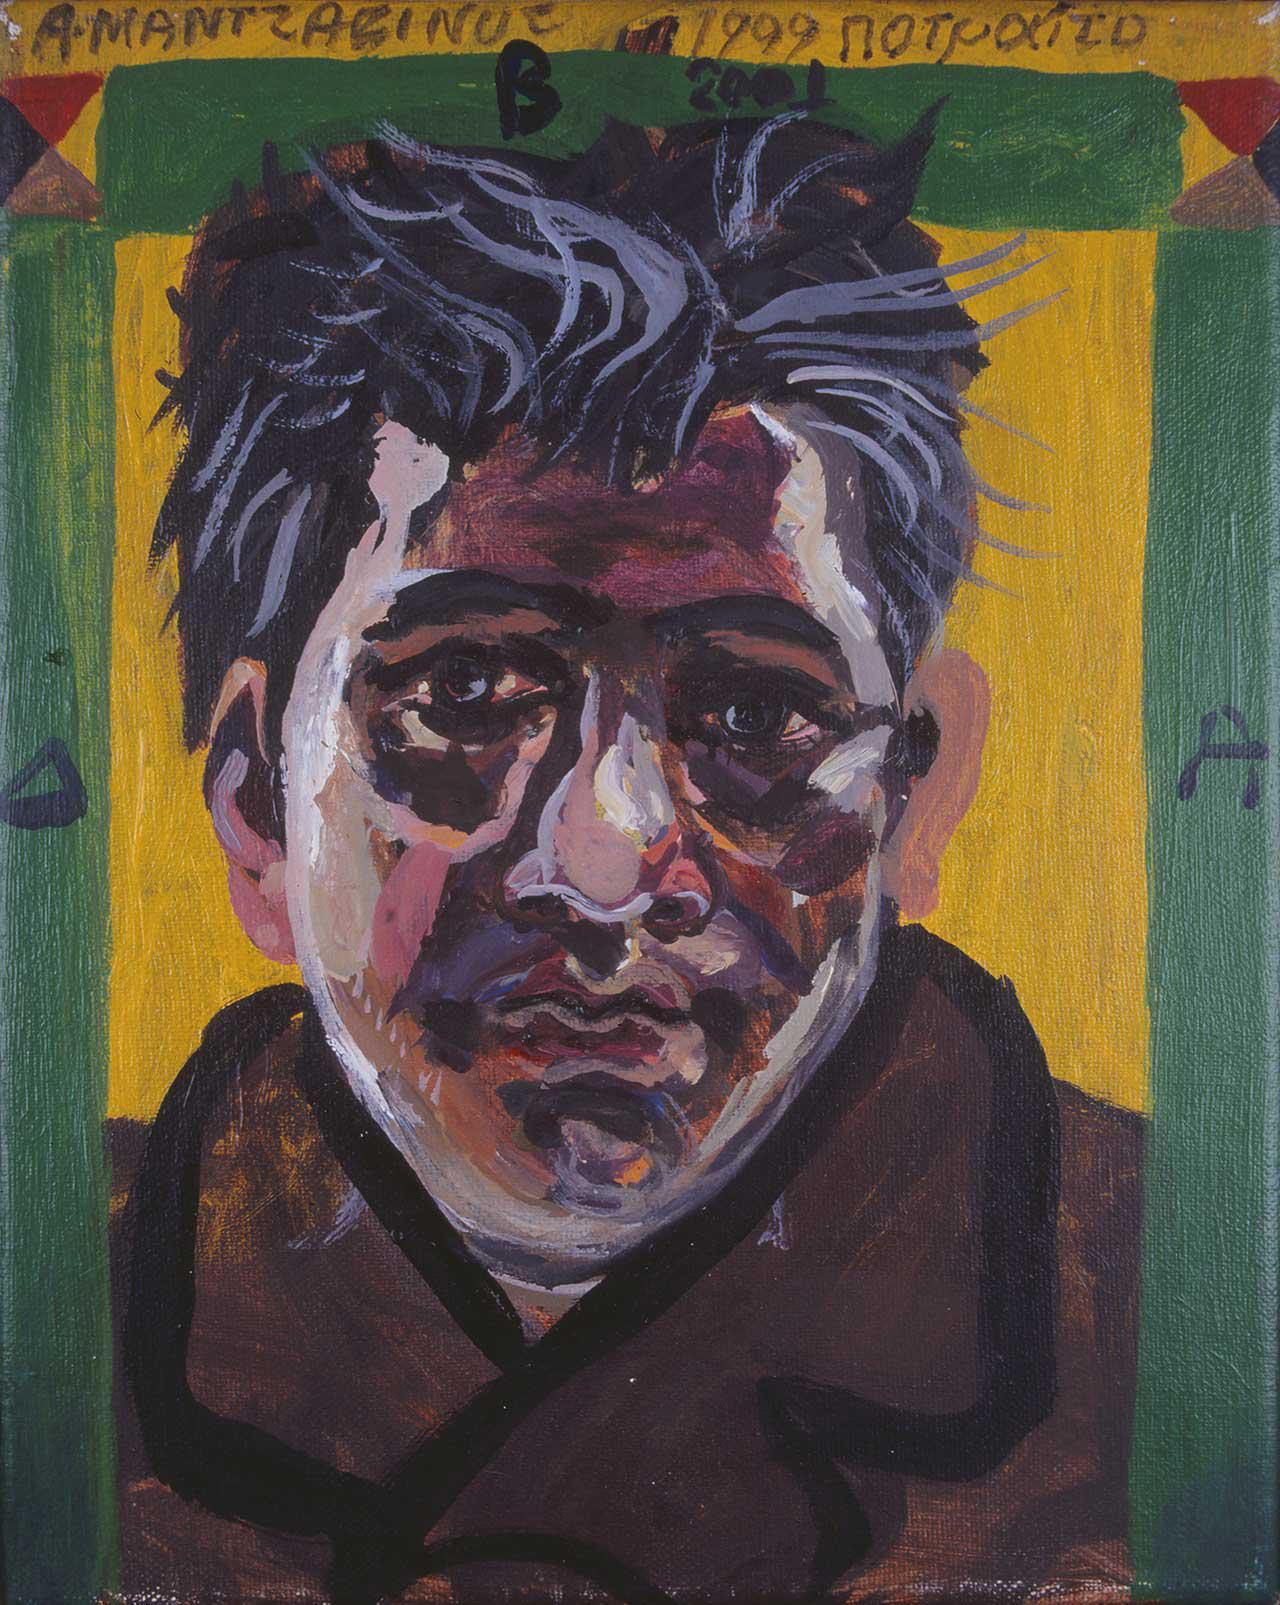 Πορτραίτο, 1999-2001, λάδι σε καμβά, 30x24 εκ.